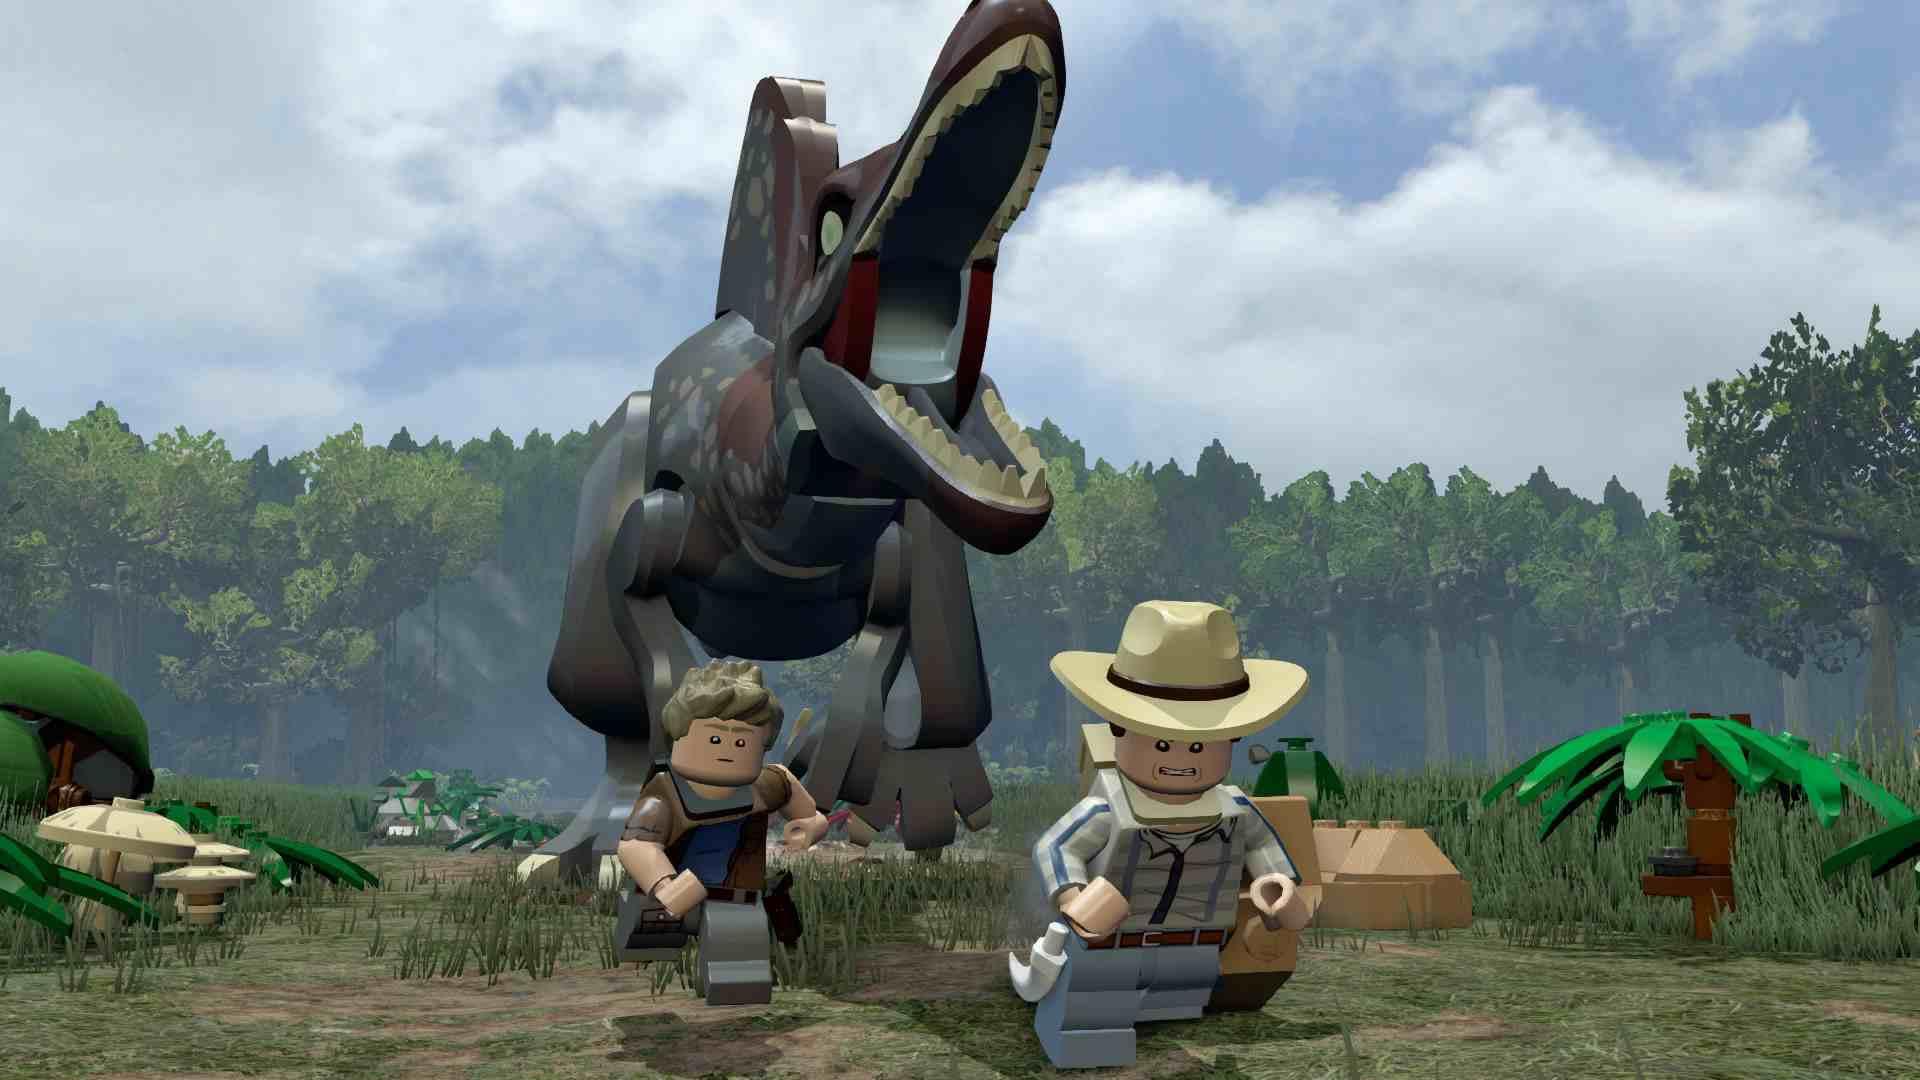 乐高:侏罗纪世界图片